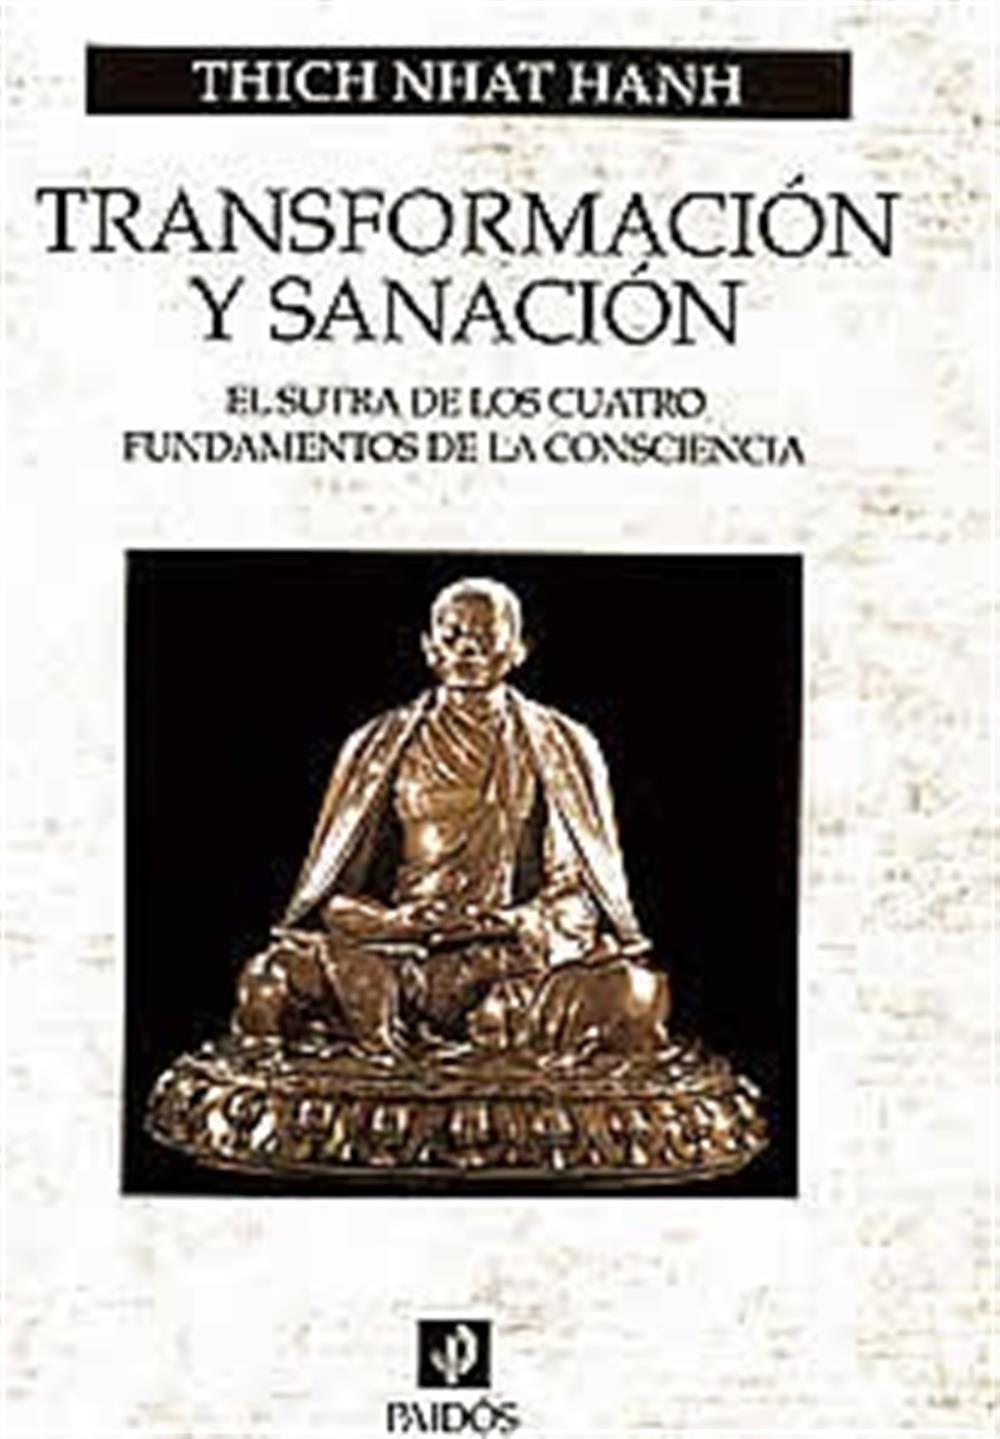 Transformación y sanación